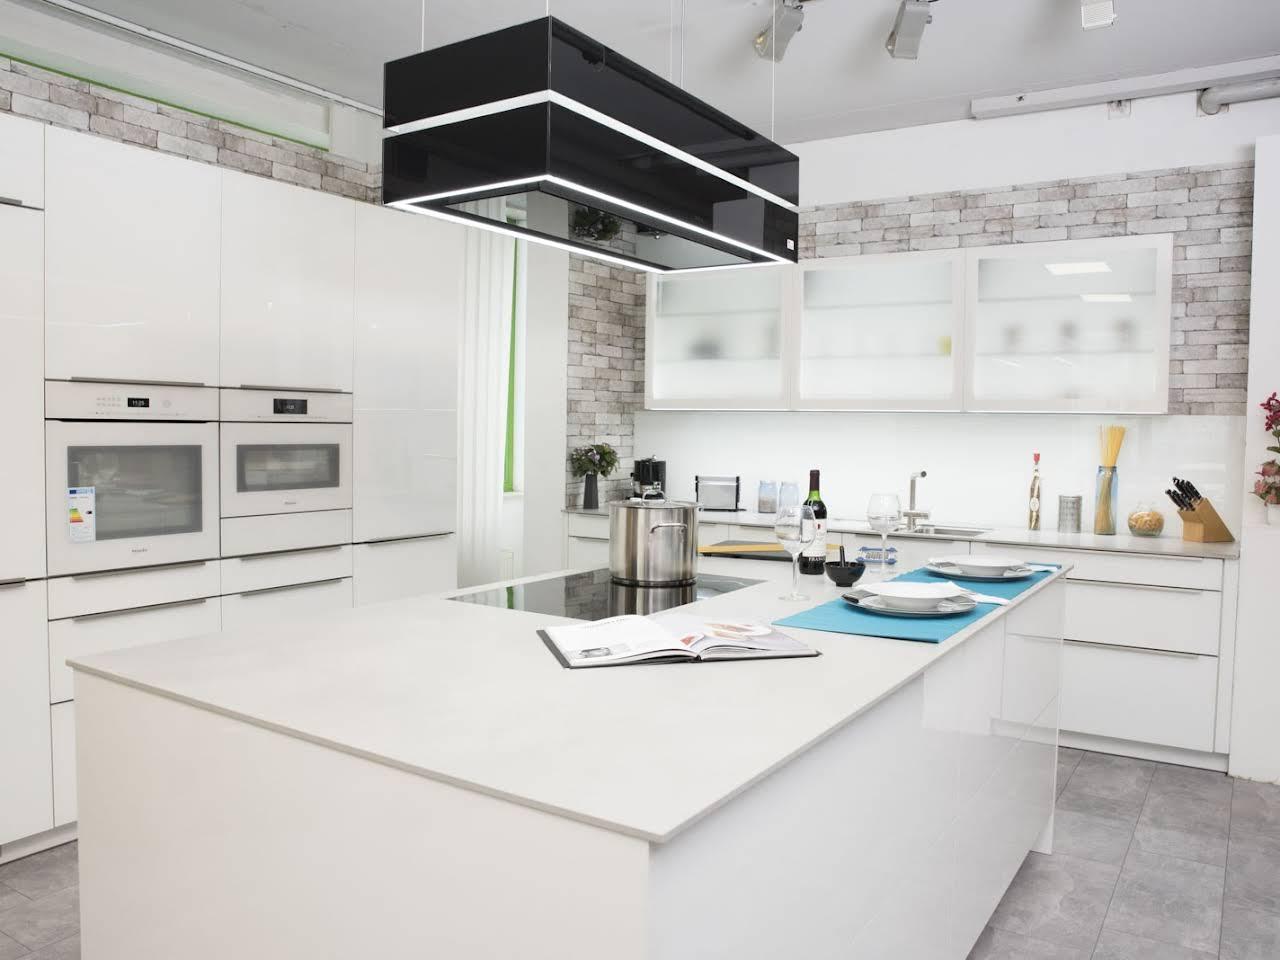 Küchen Dilling der küchentreff dilling gmbh fachhandel für küchenbedarf in olching